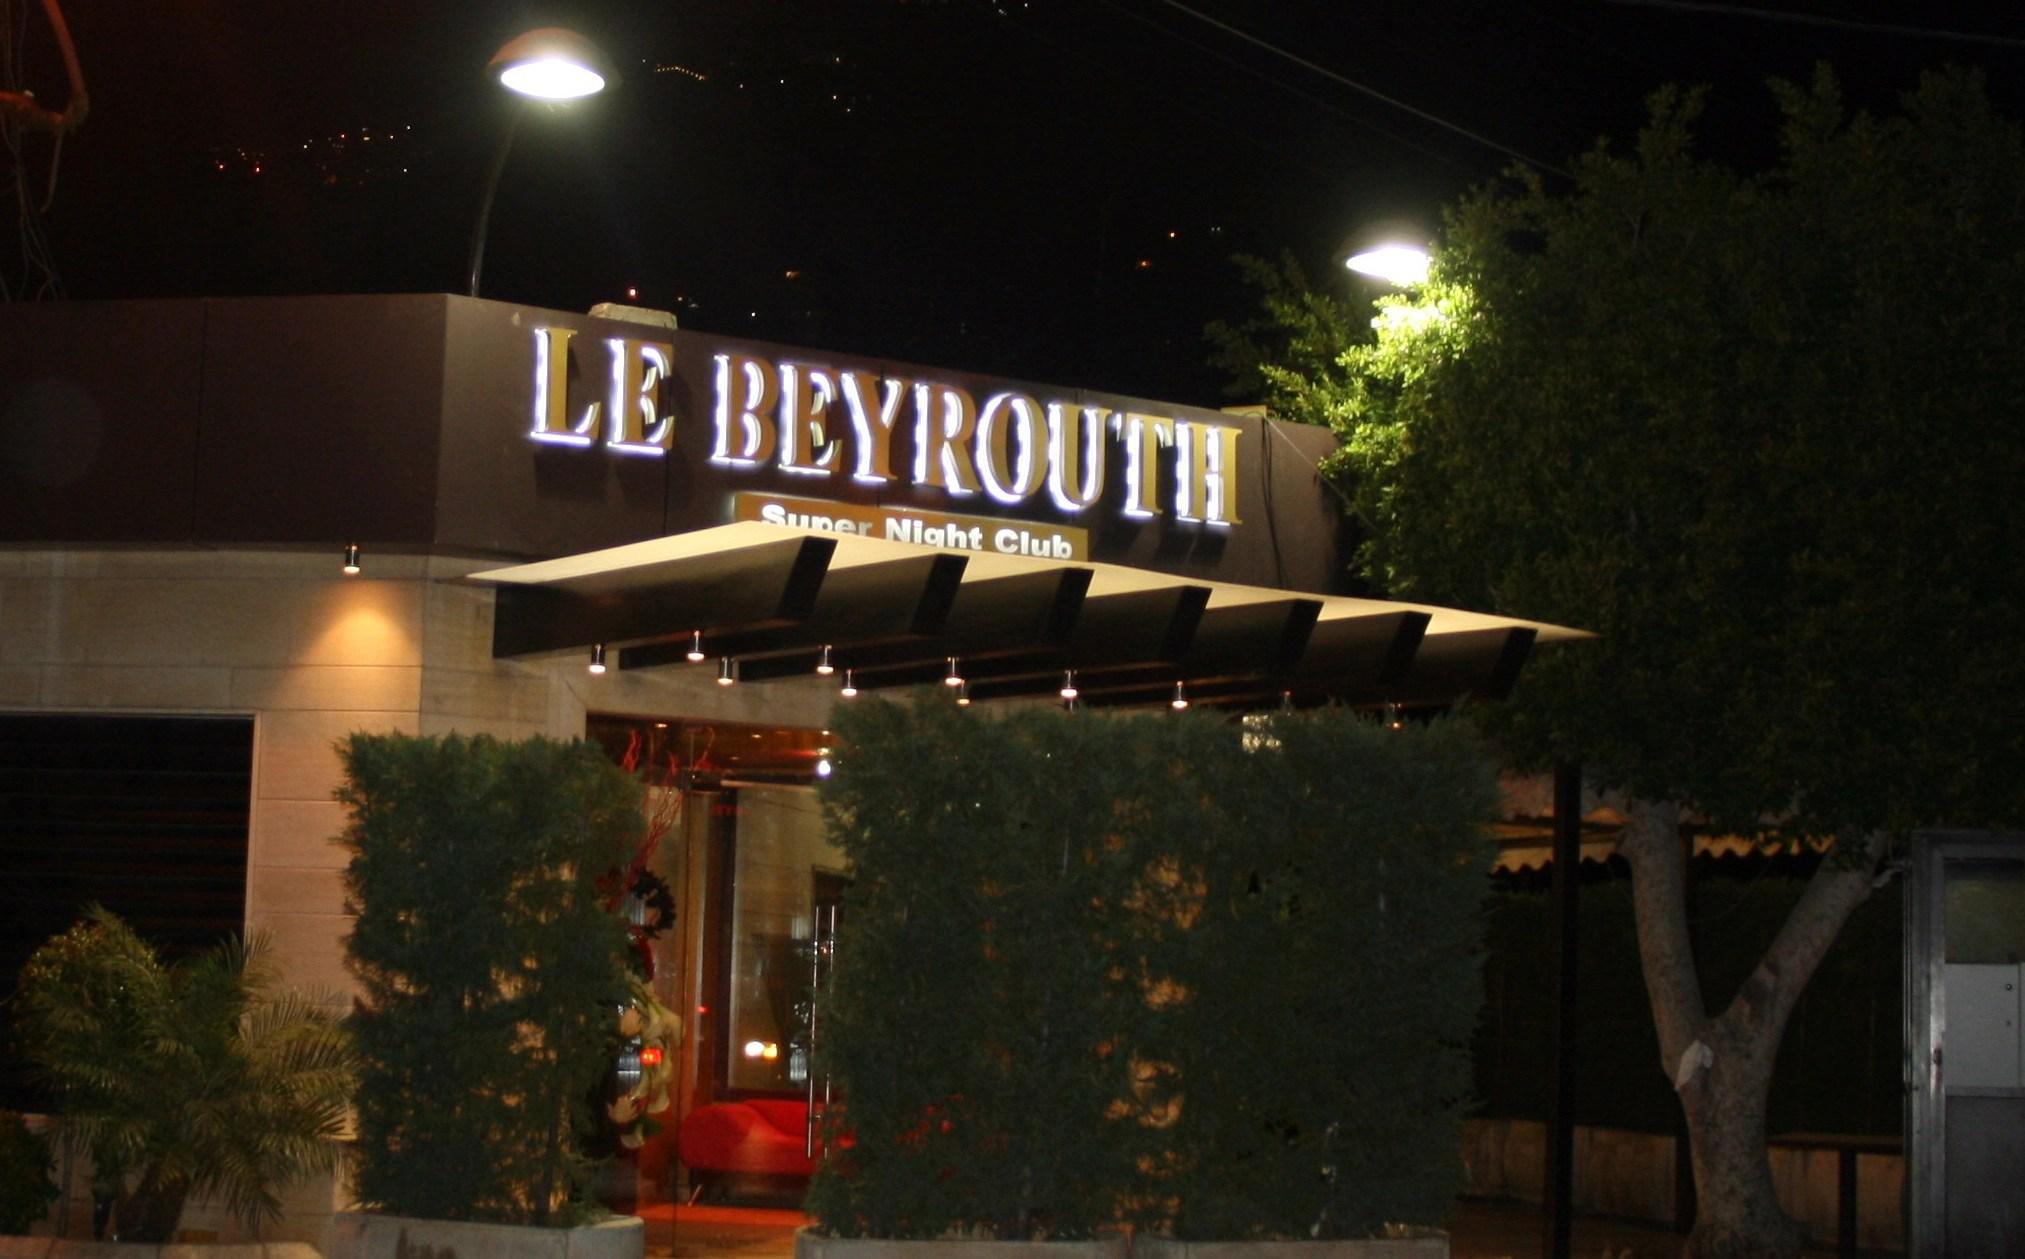 Le Beyrouth ночной клуб